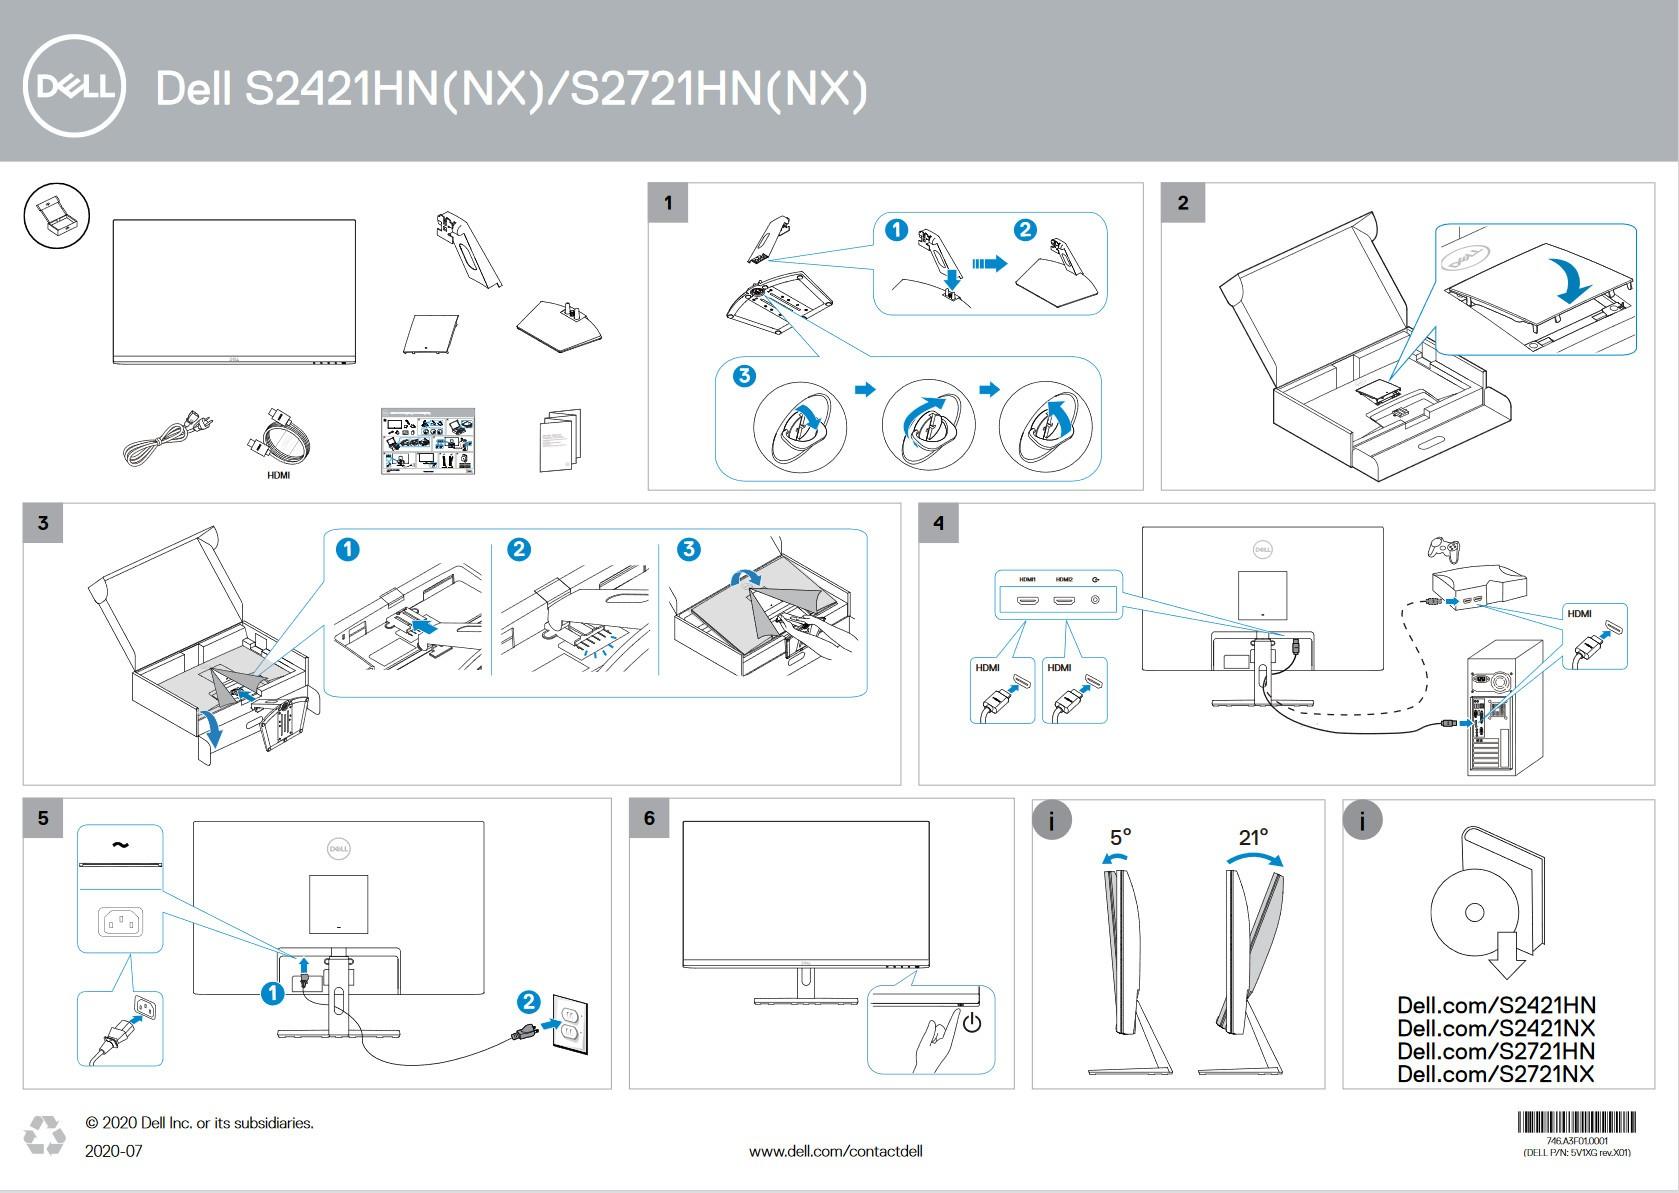 Dell S2721NX huong dan lap dat